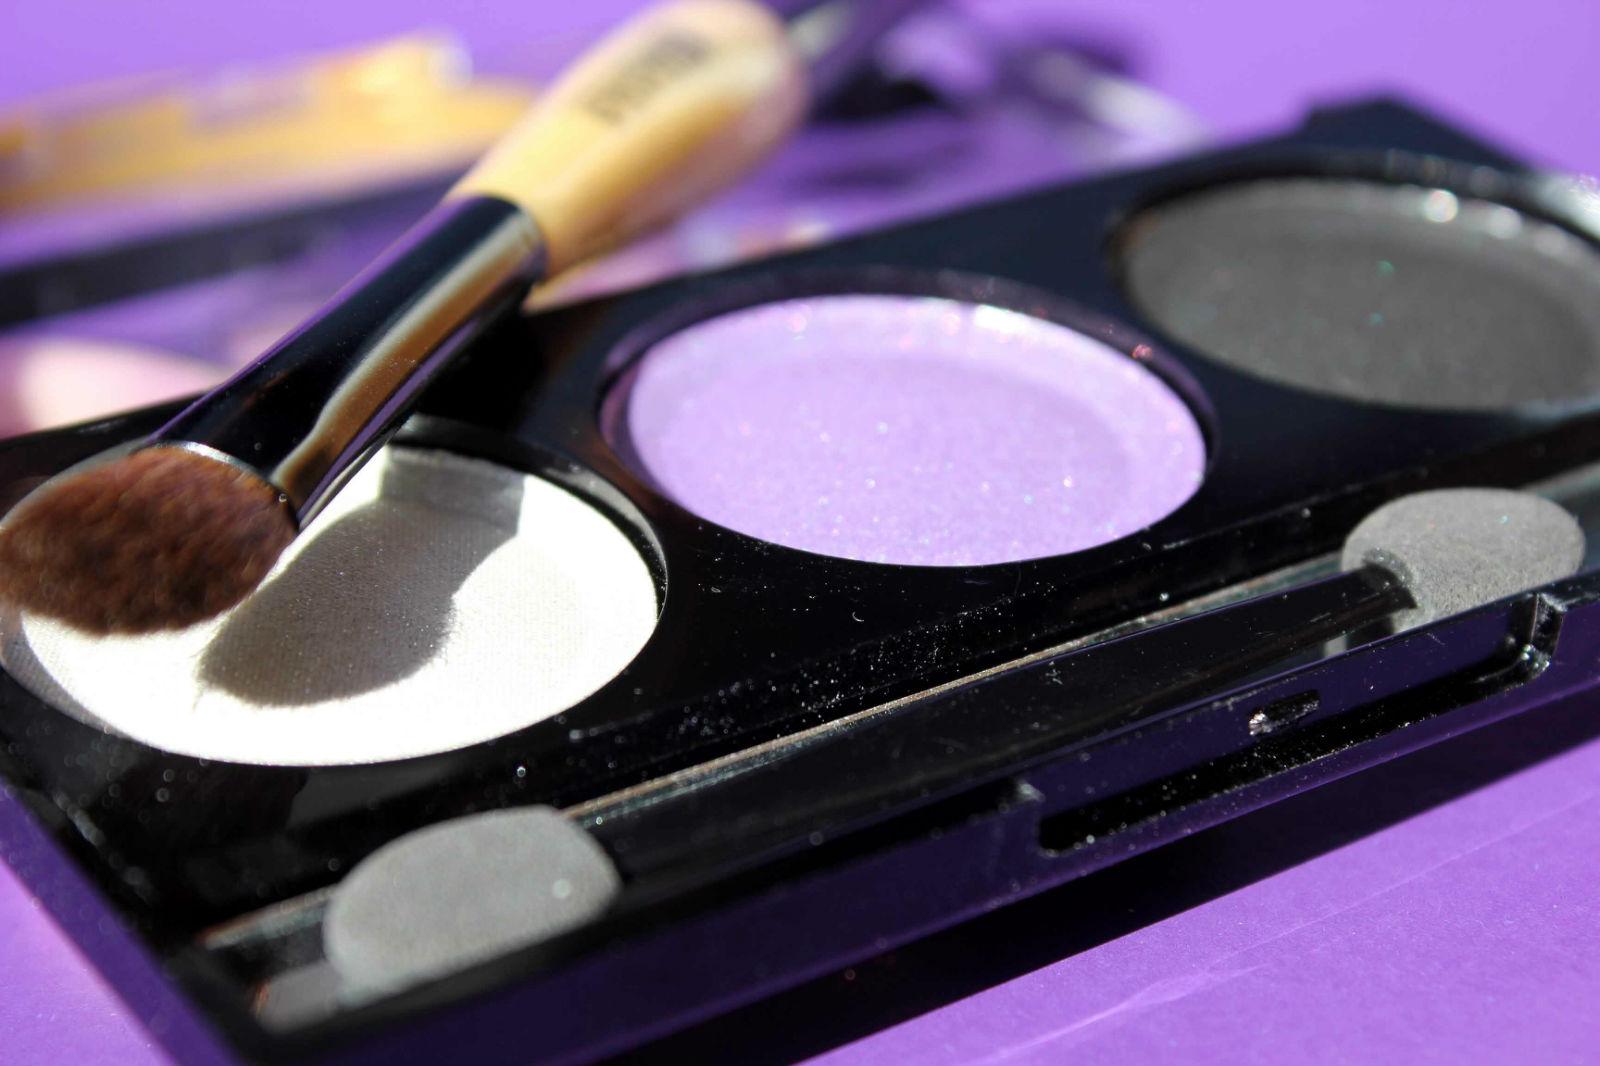 Отзыв: Бюджетно. Палетка теней для макияжа и двухсторонняя кисть для теней из интернет-магазина BornPrettyStore.